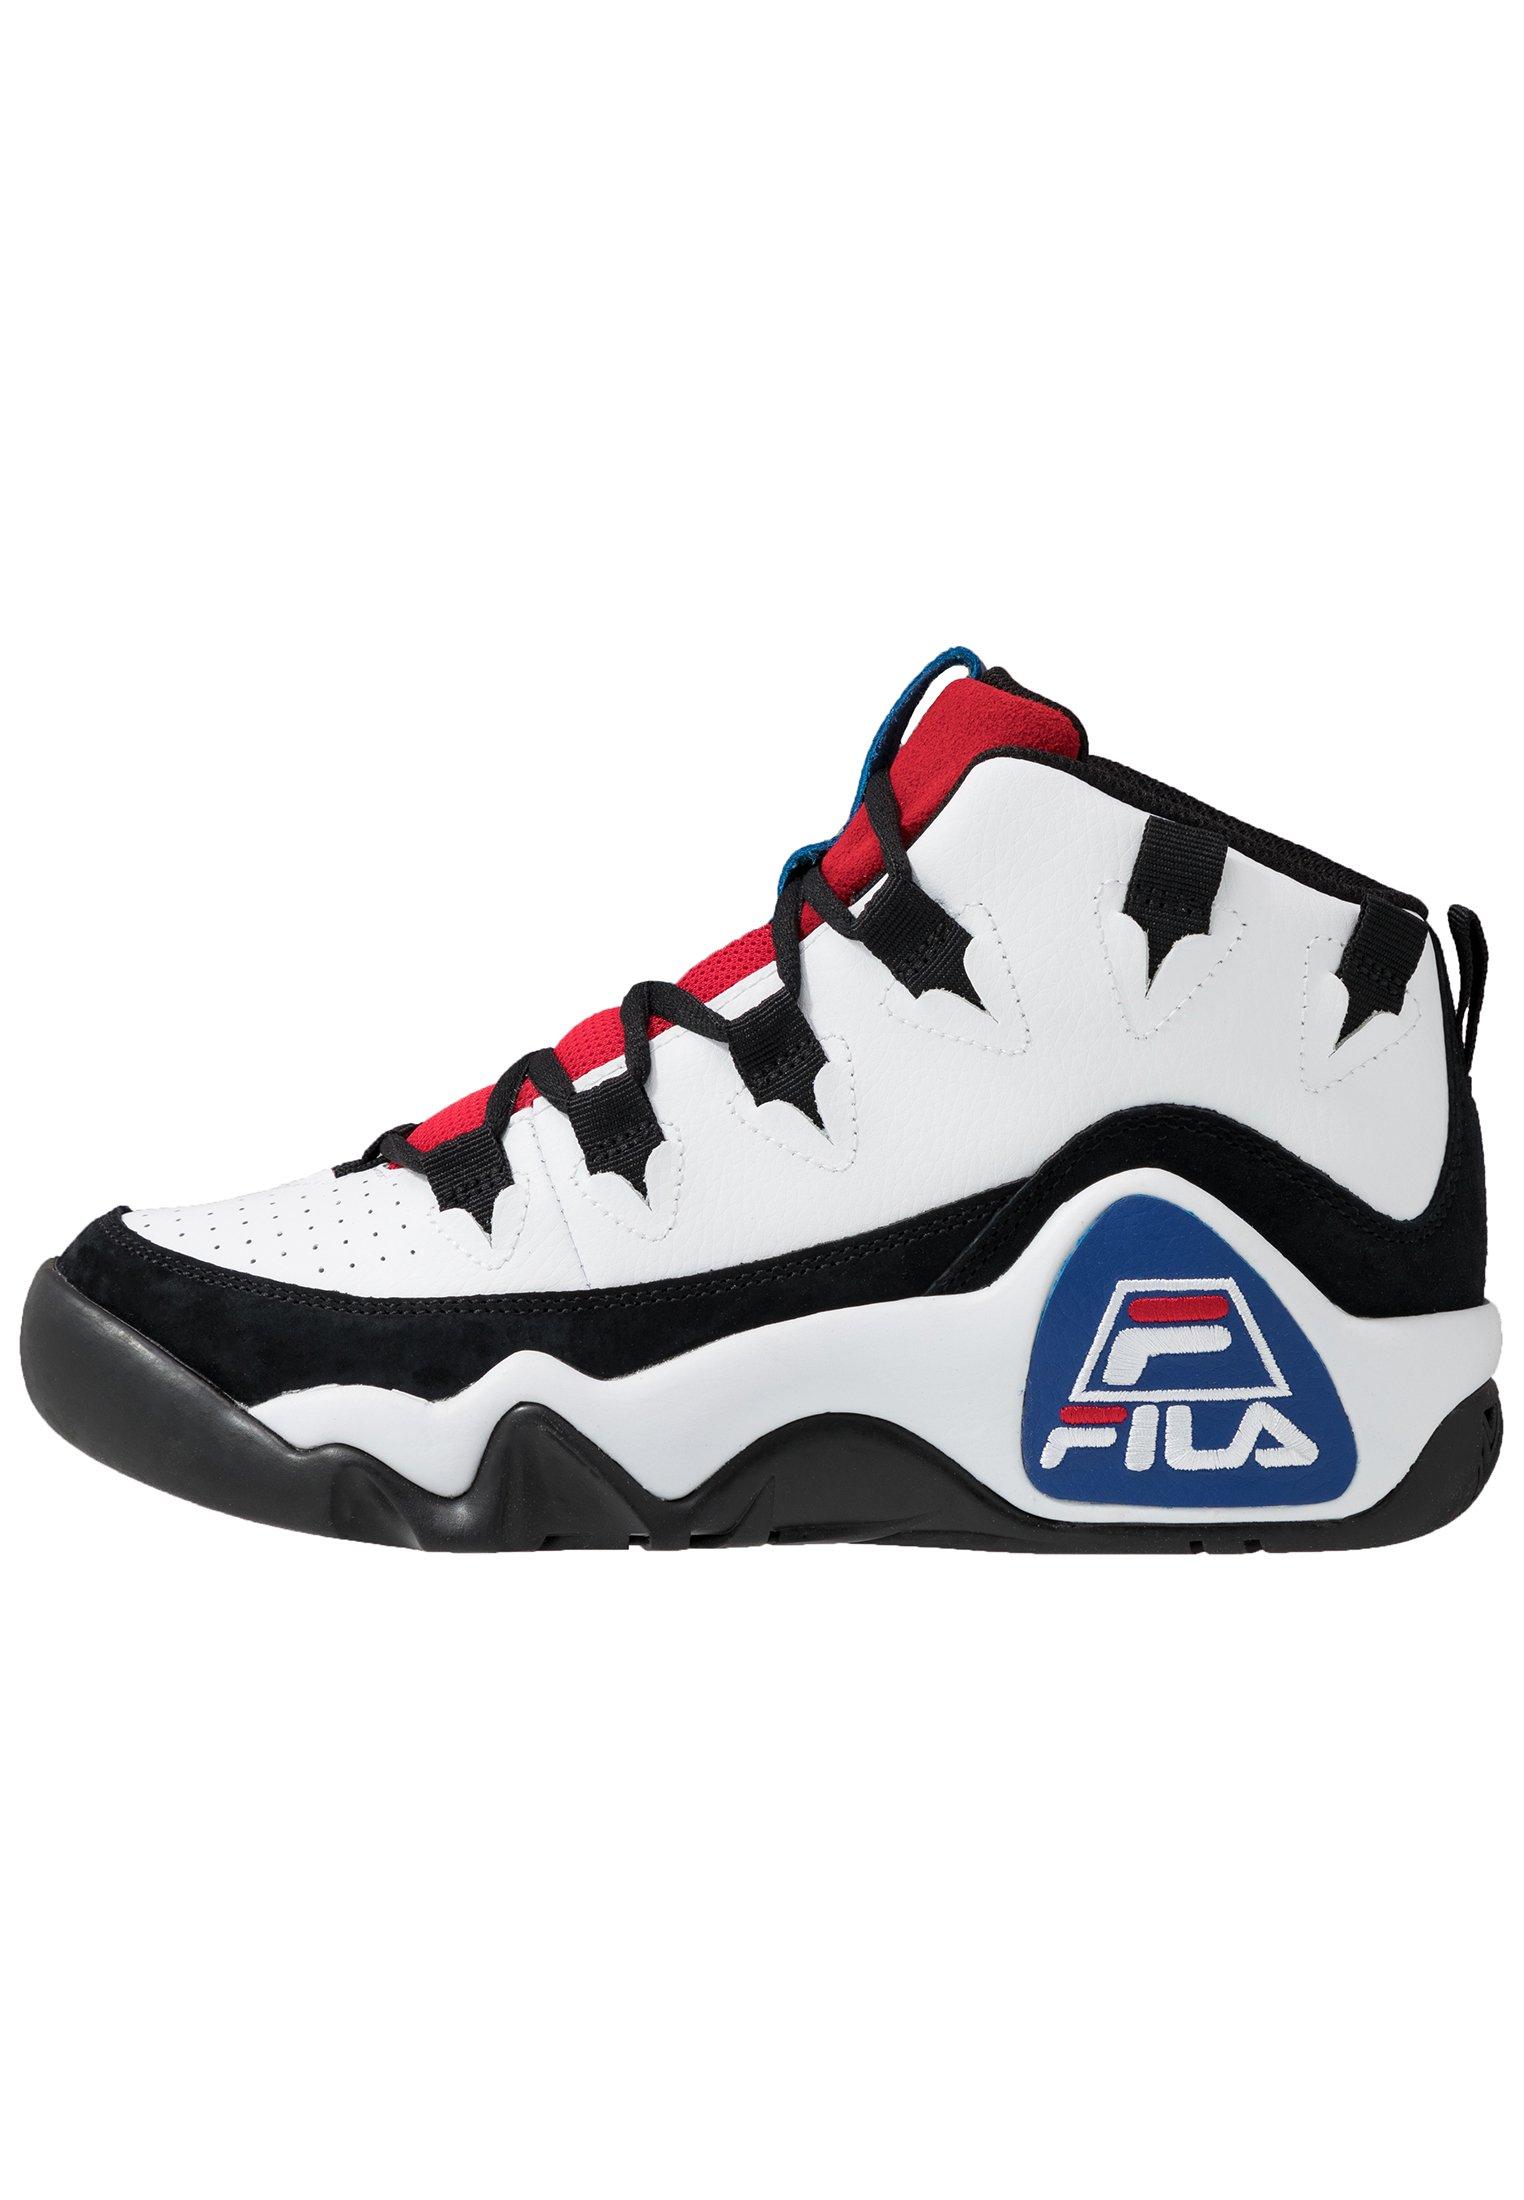 Fila 95 Grant Hill - Sneaker High White/black/red Black Friday